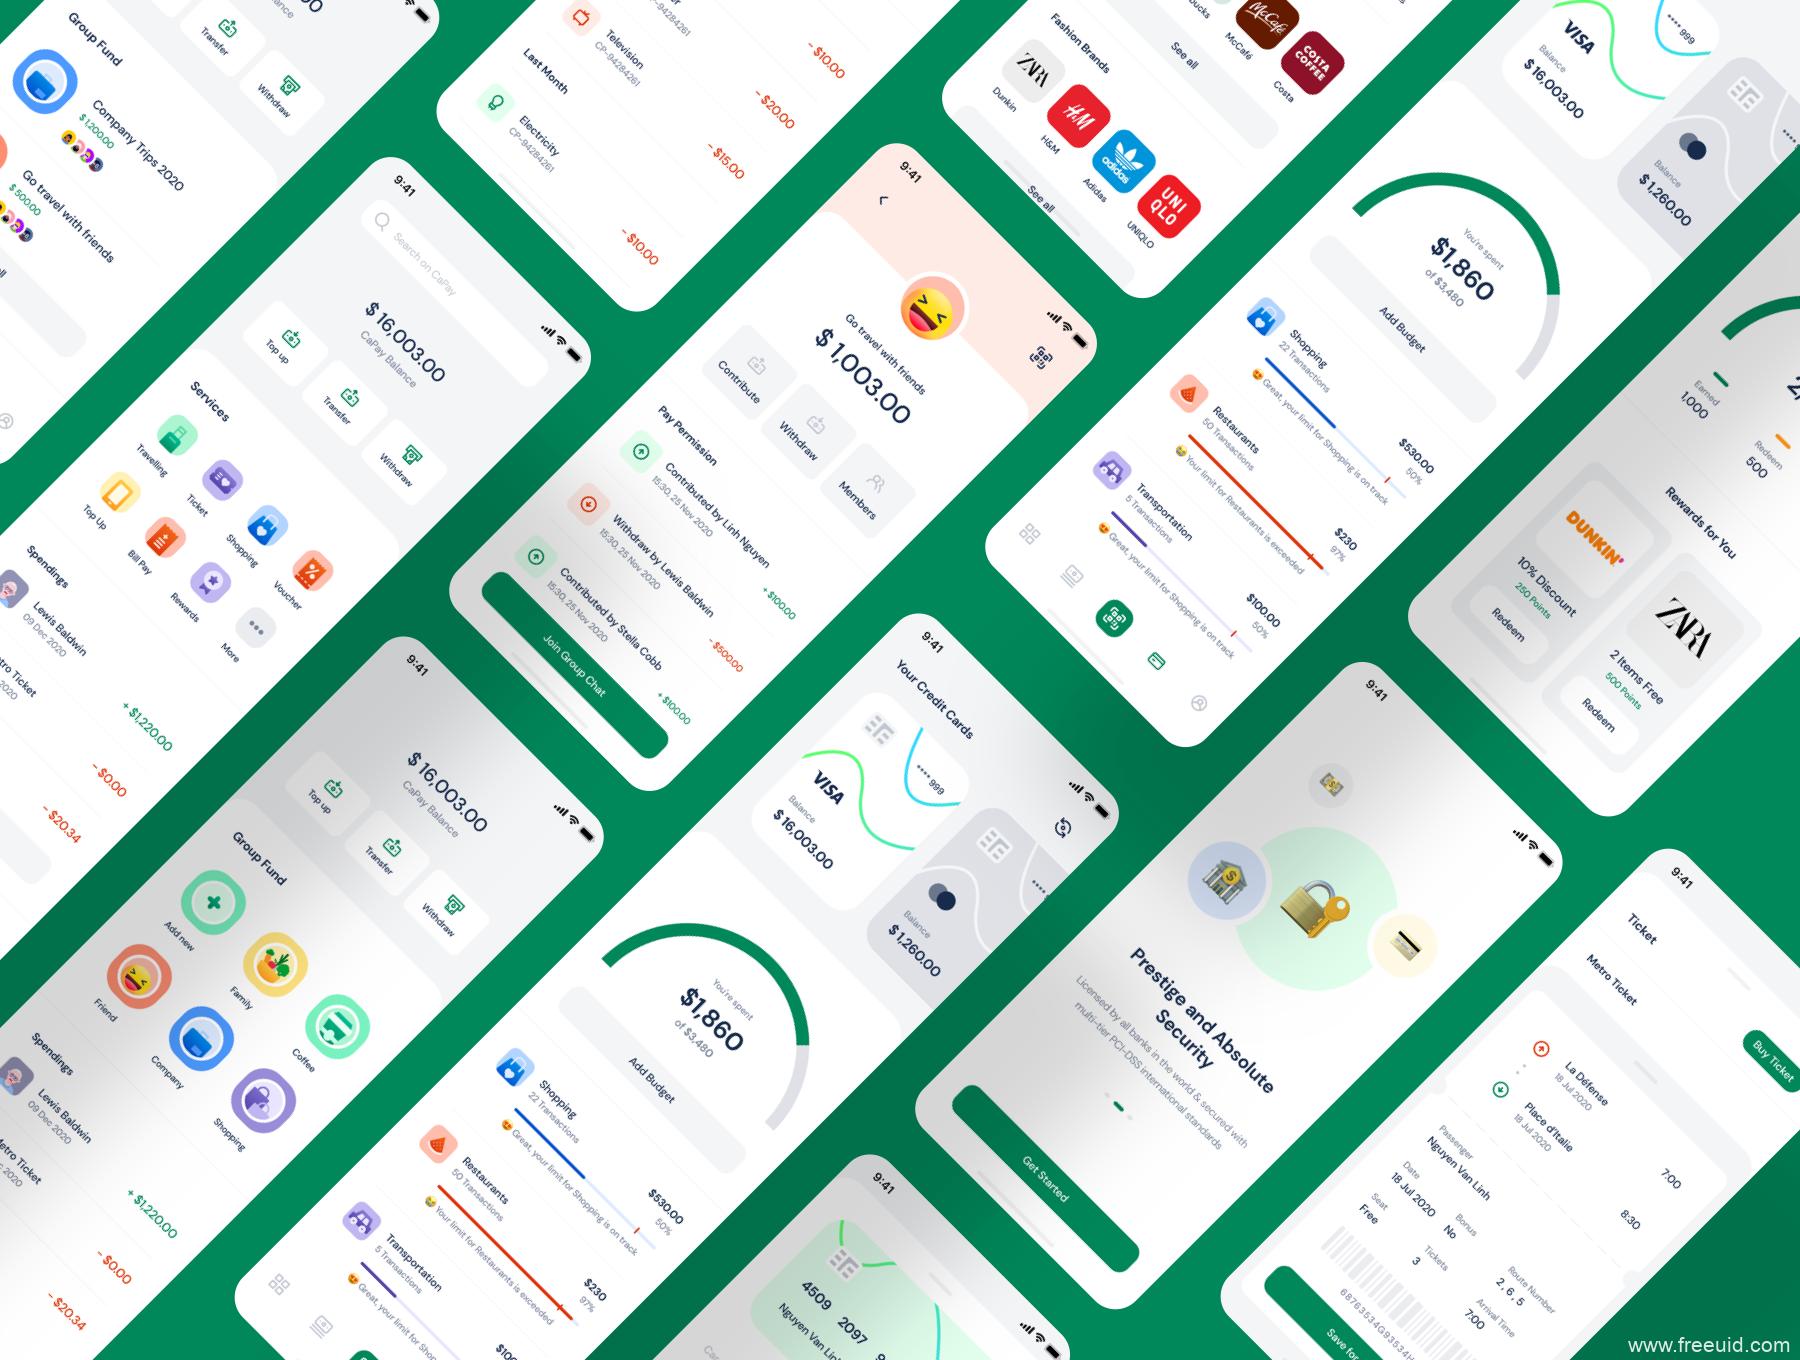 整套68页钱包支付UI设计资源下载,电子钱包UI源文件,金融支付app UI素材sketch源文件、figma源文件